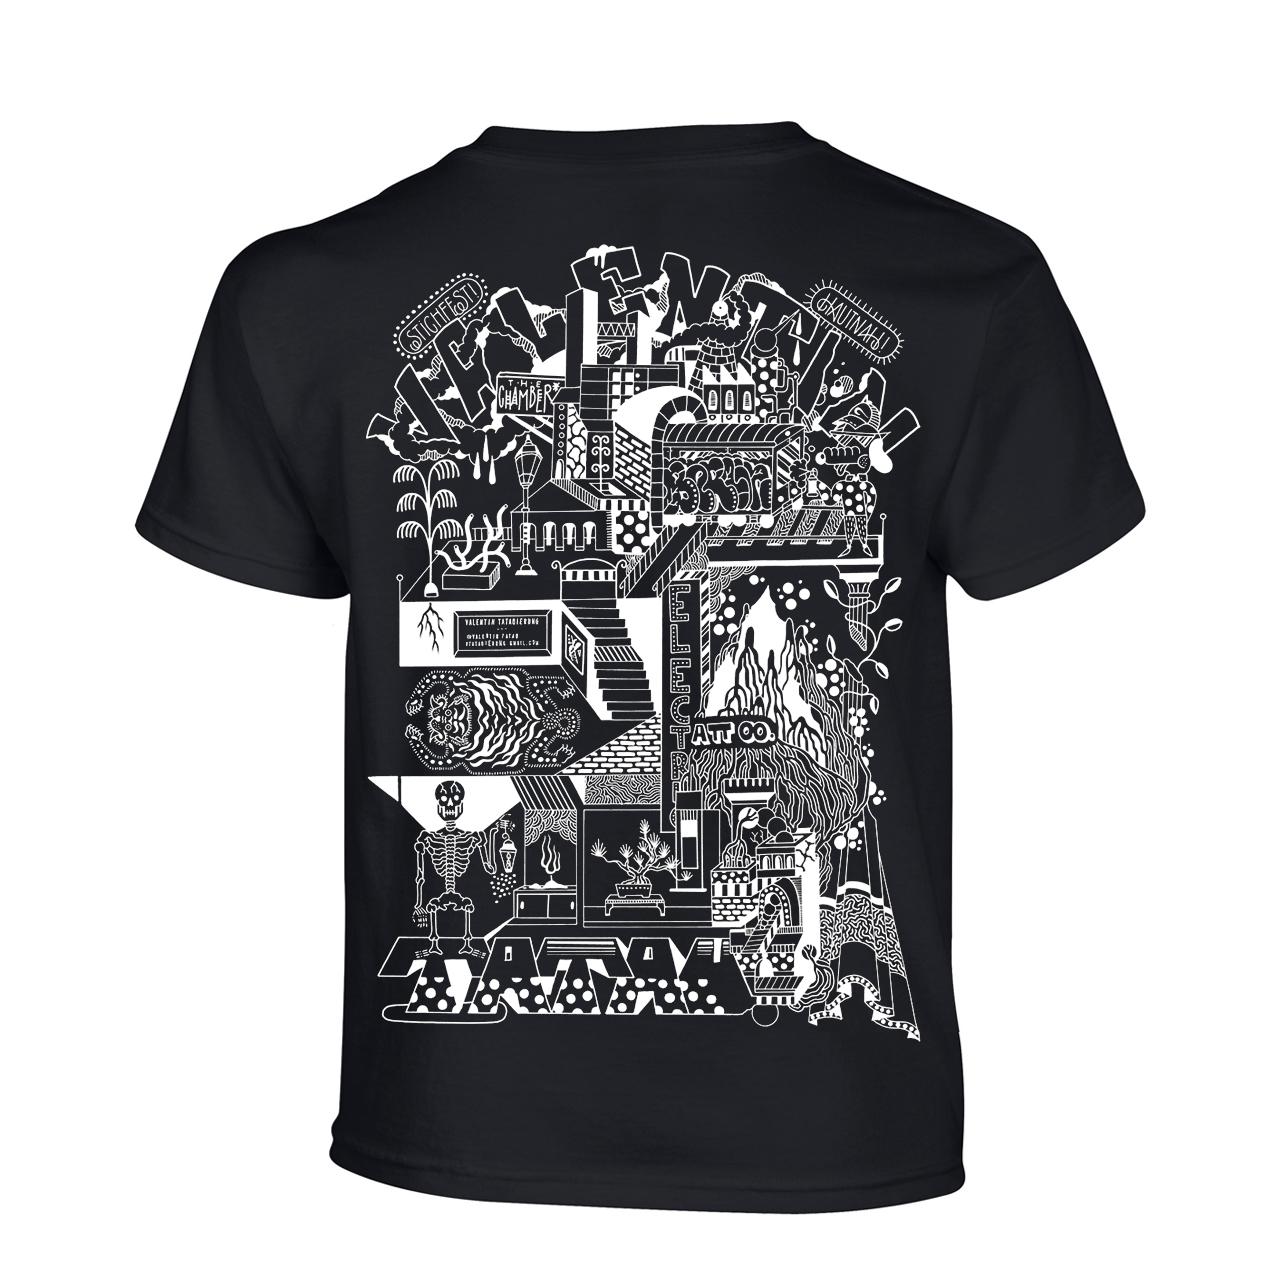 VALENTIN TATAUIERUNG / Preorder bis 24.06. T-Shirt Black